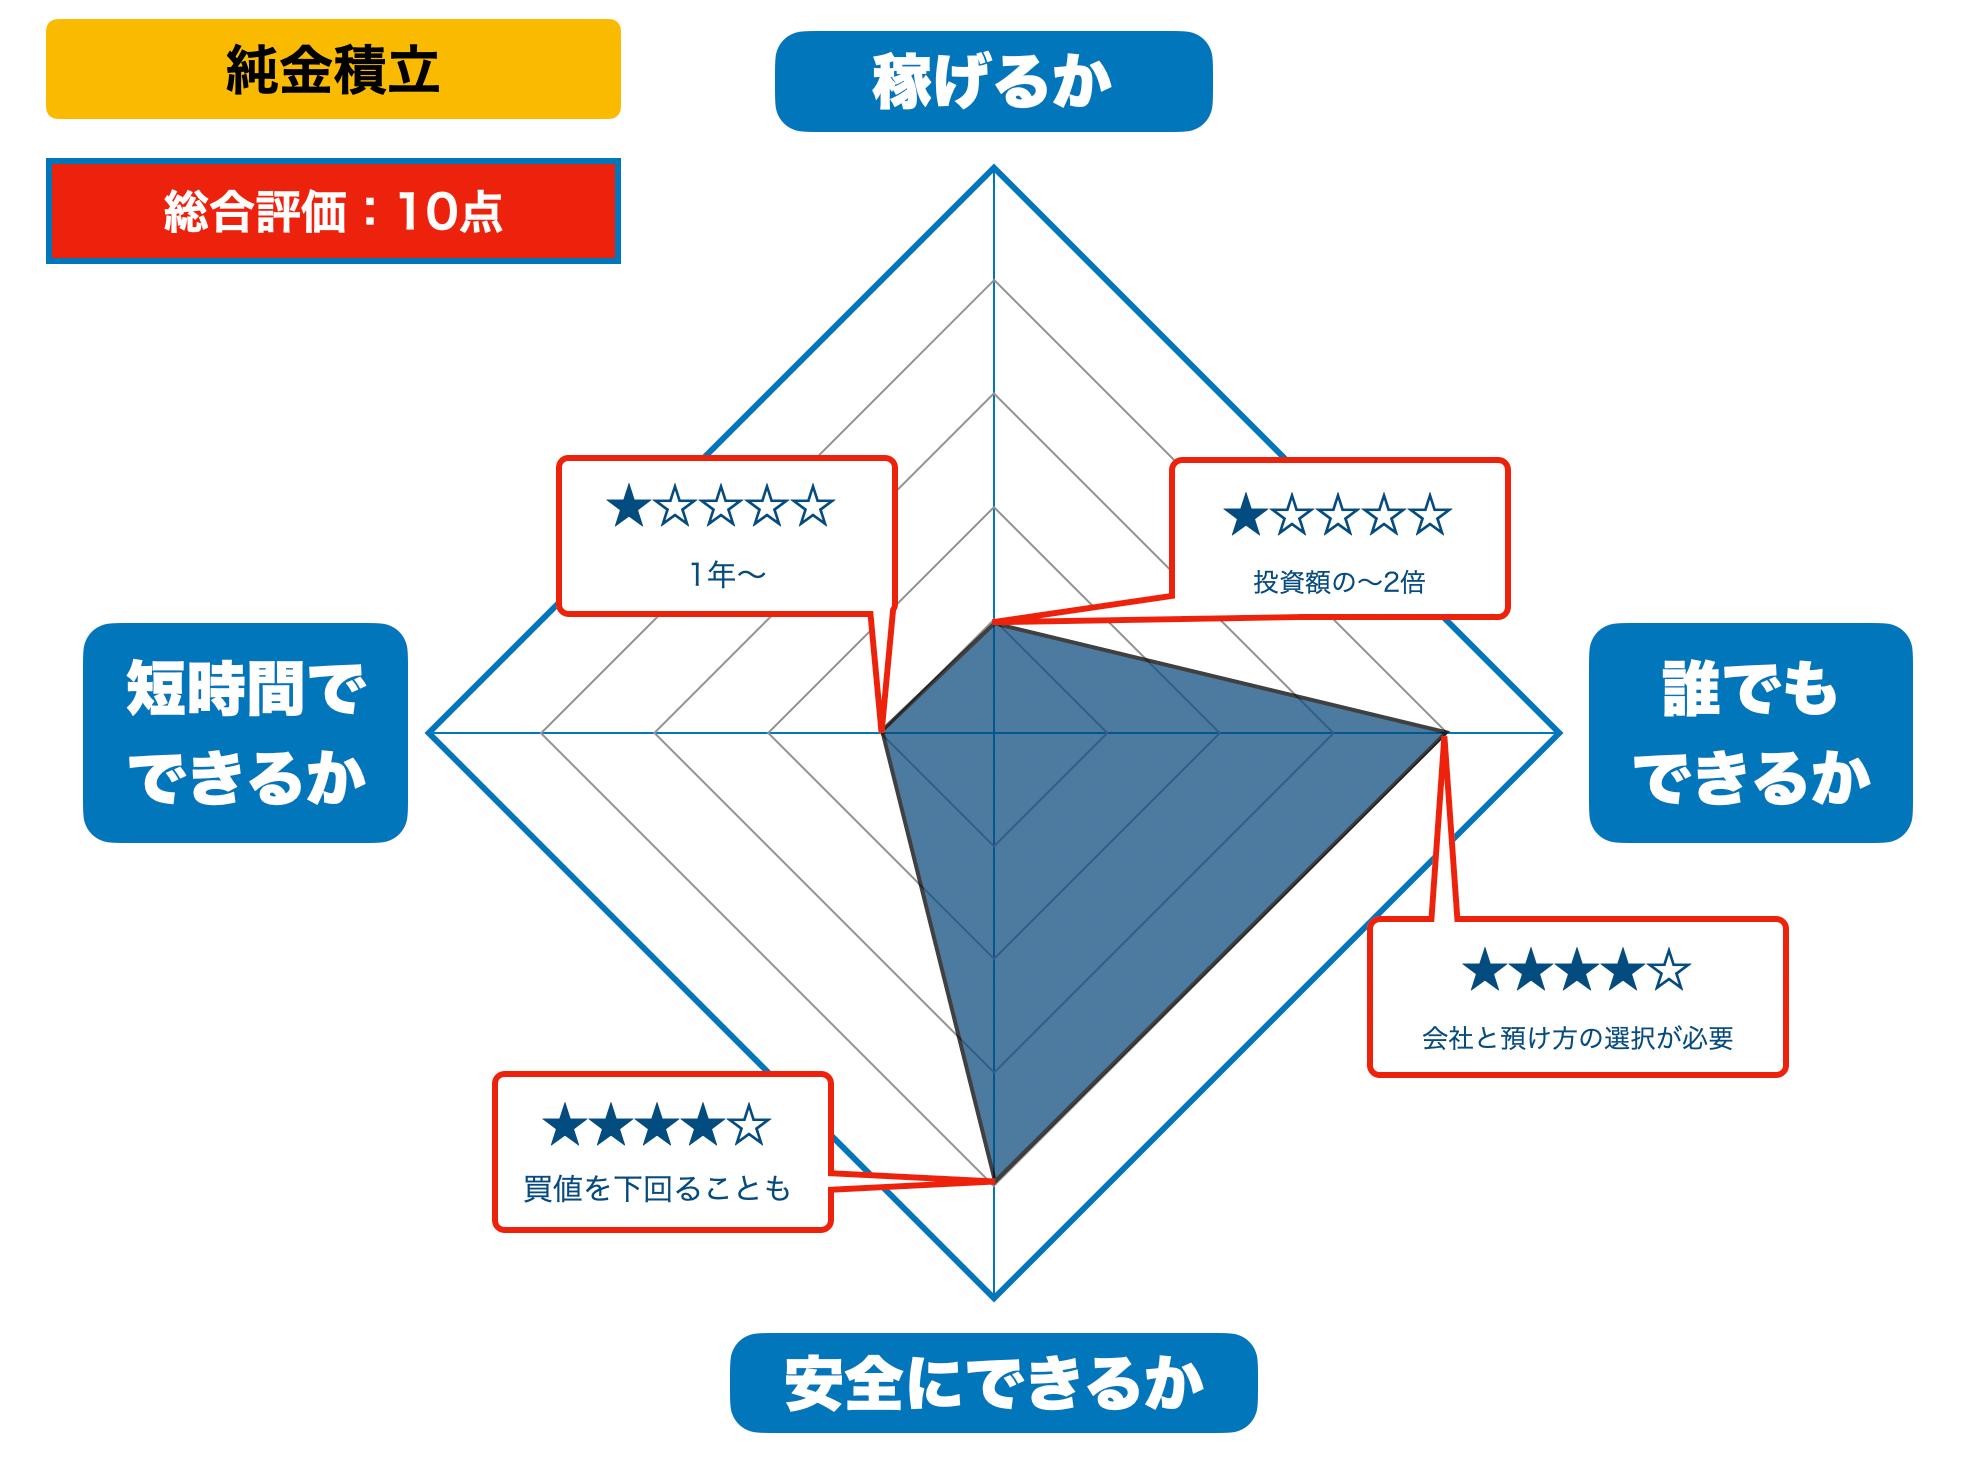 純金積立の評価(2021年版)